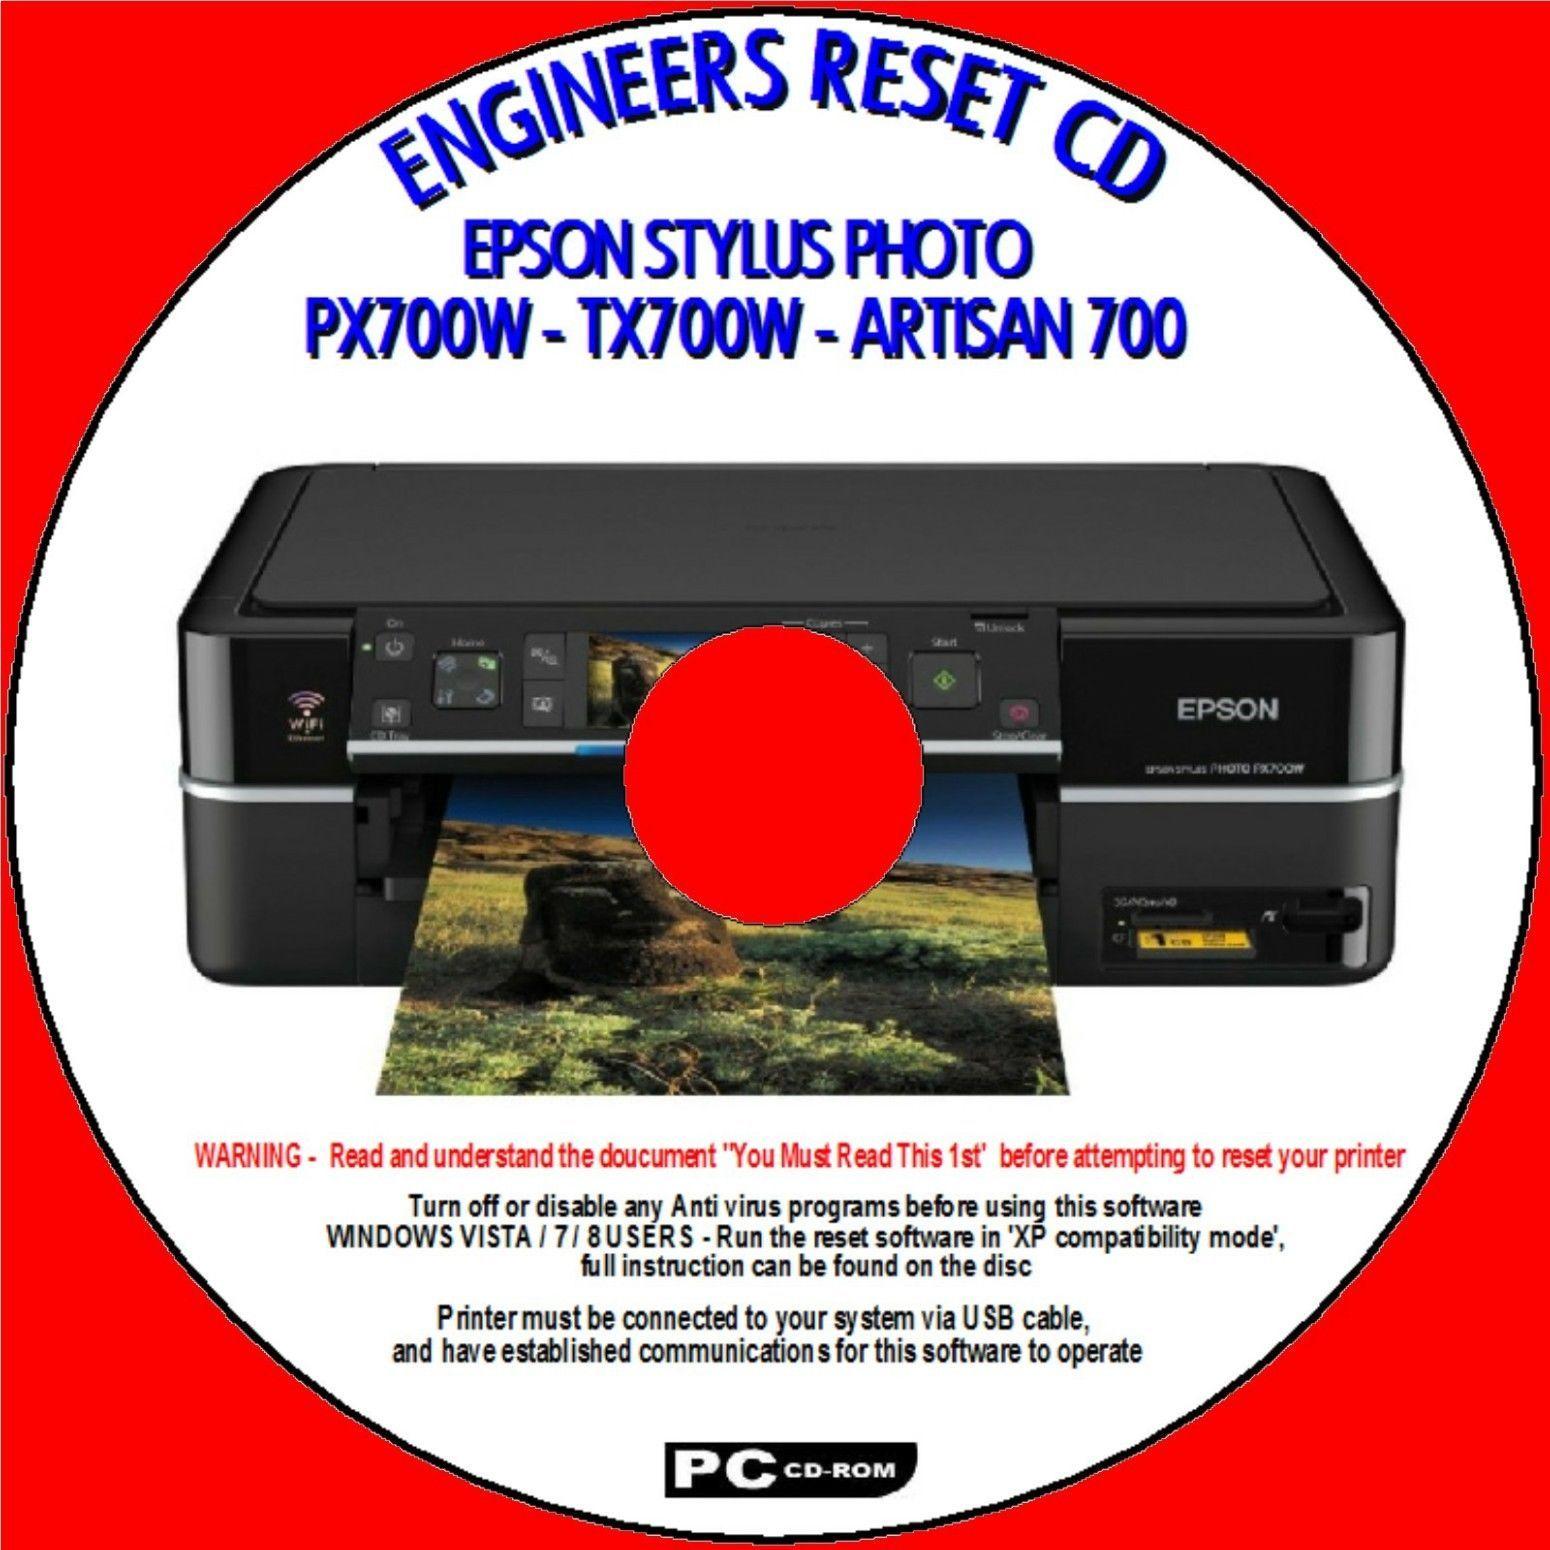 Epson kitchen printer   GBP  Epson PxW TxW u Artisan  Printer Waste Ink Pad